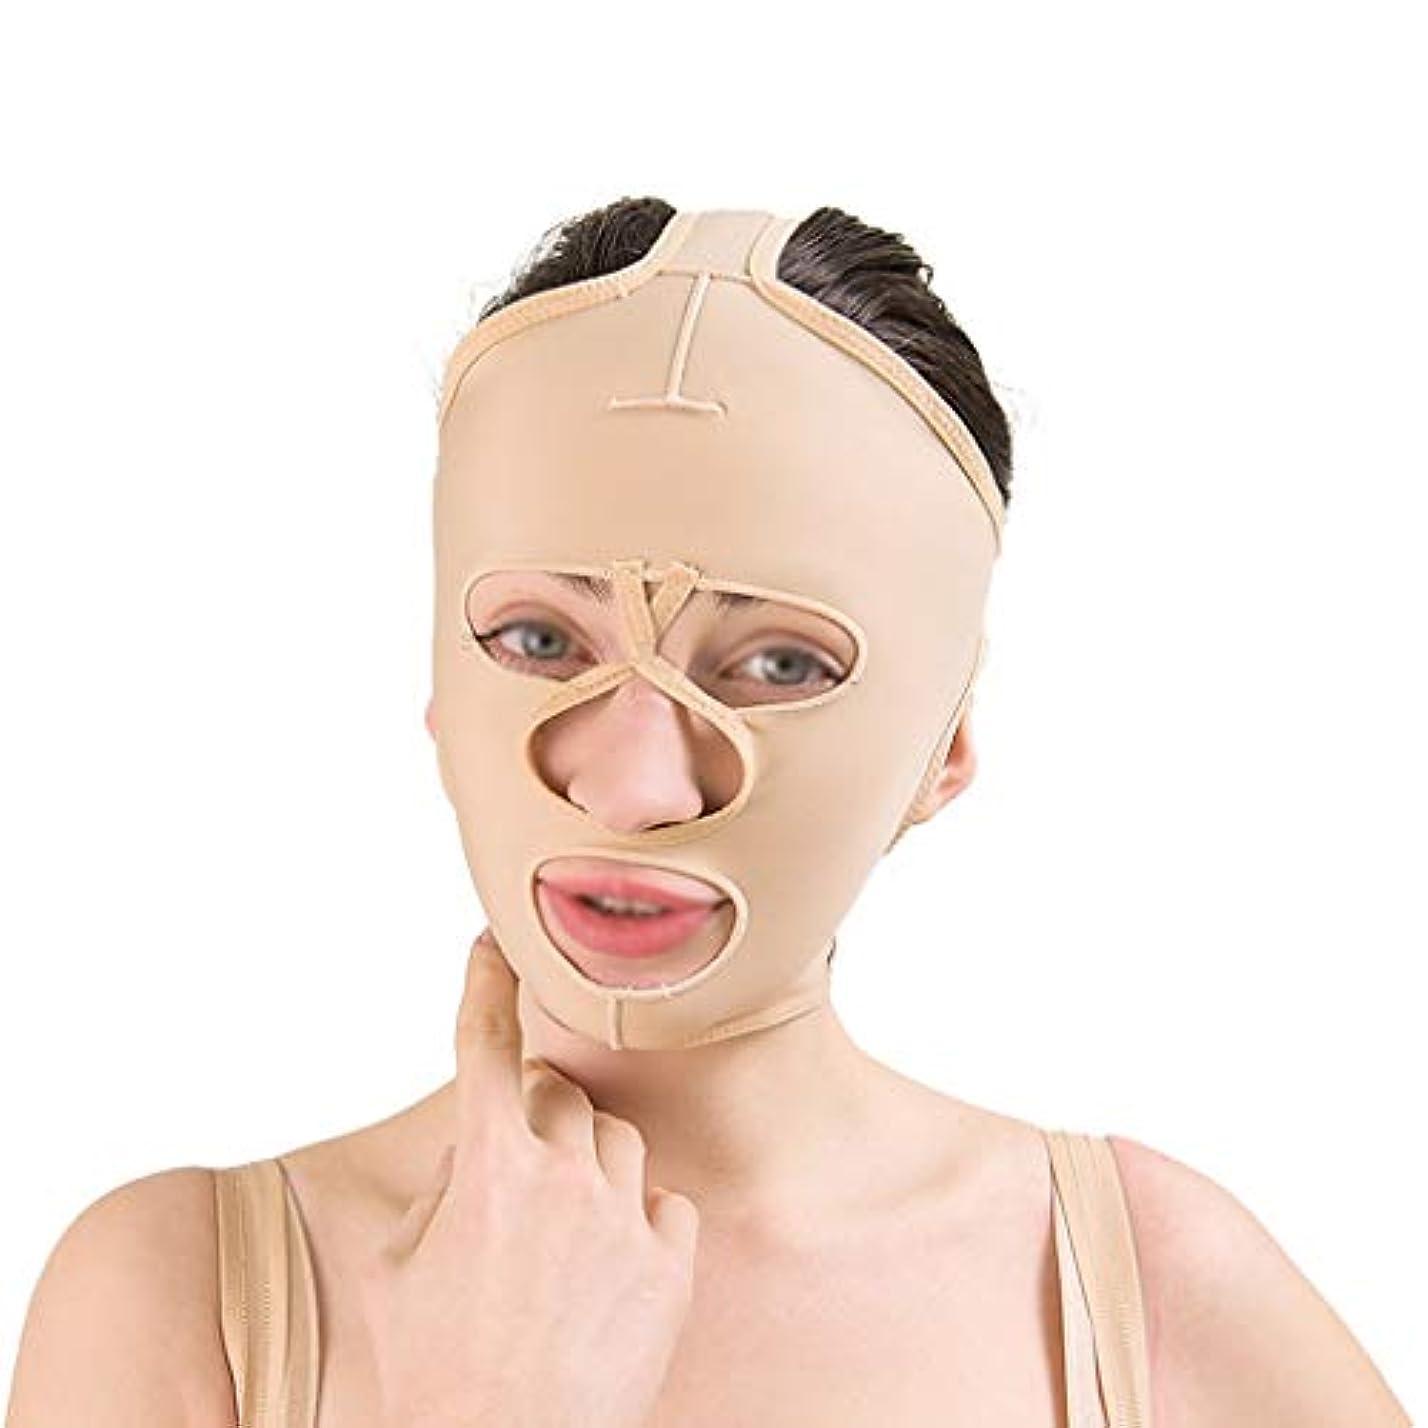 歩道ドリル劇作家フェイシャルリフティングツール、フェイシャルビューティリフティングマスク、通気性のあるファーミングリフティングフェイシャル包帯、フェイシャルタイトバンデージ (Size : S)